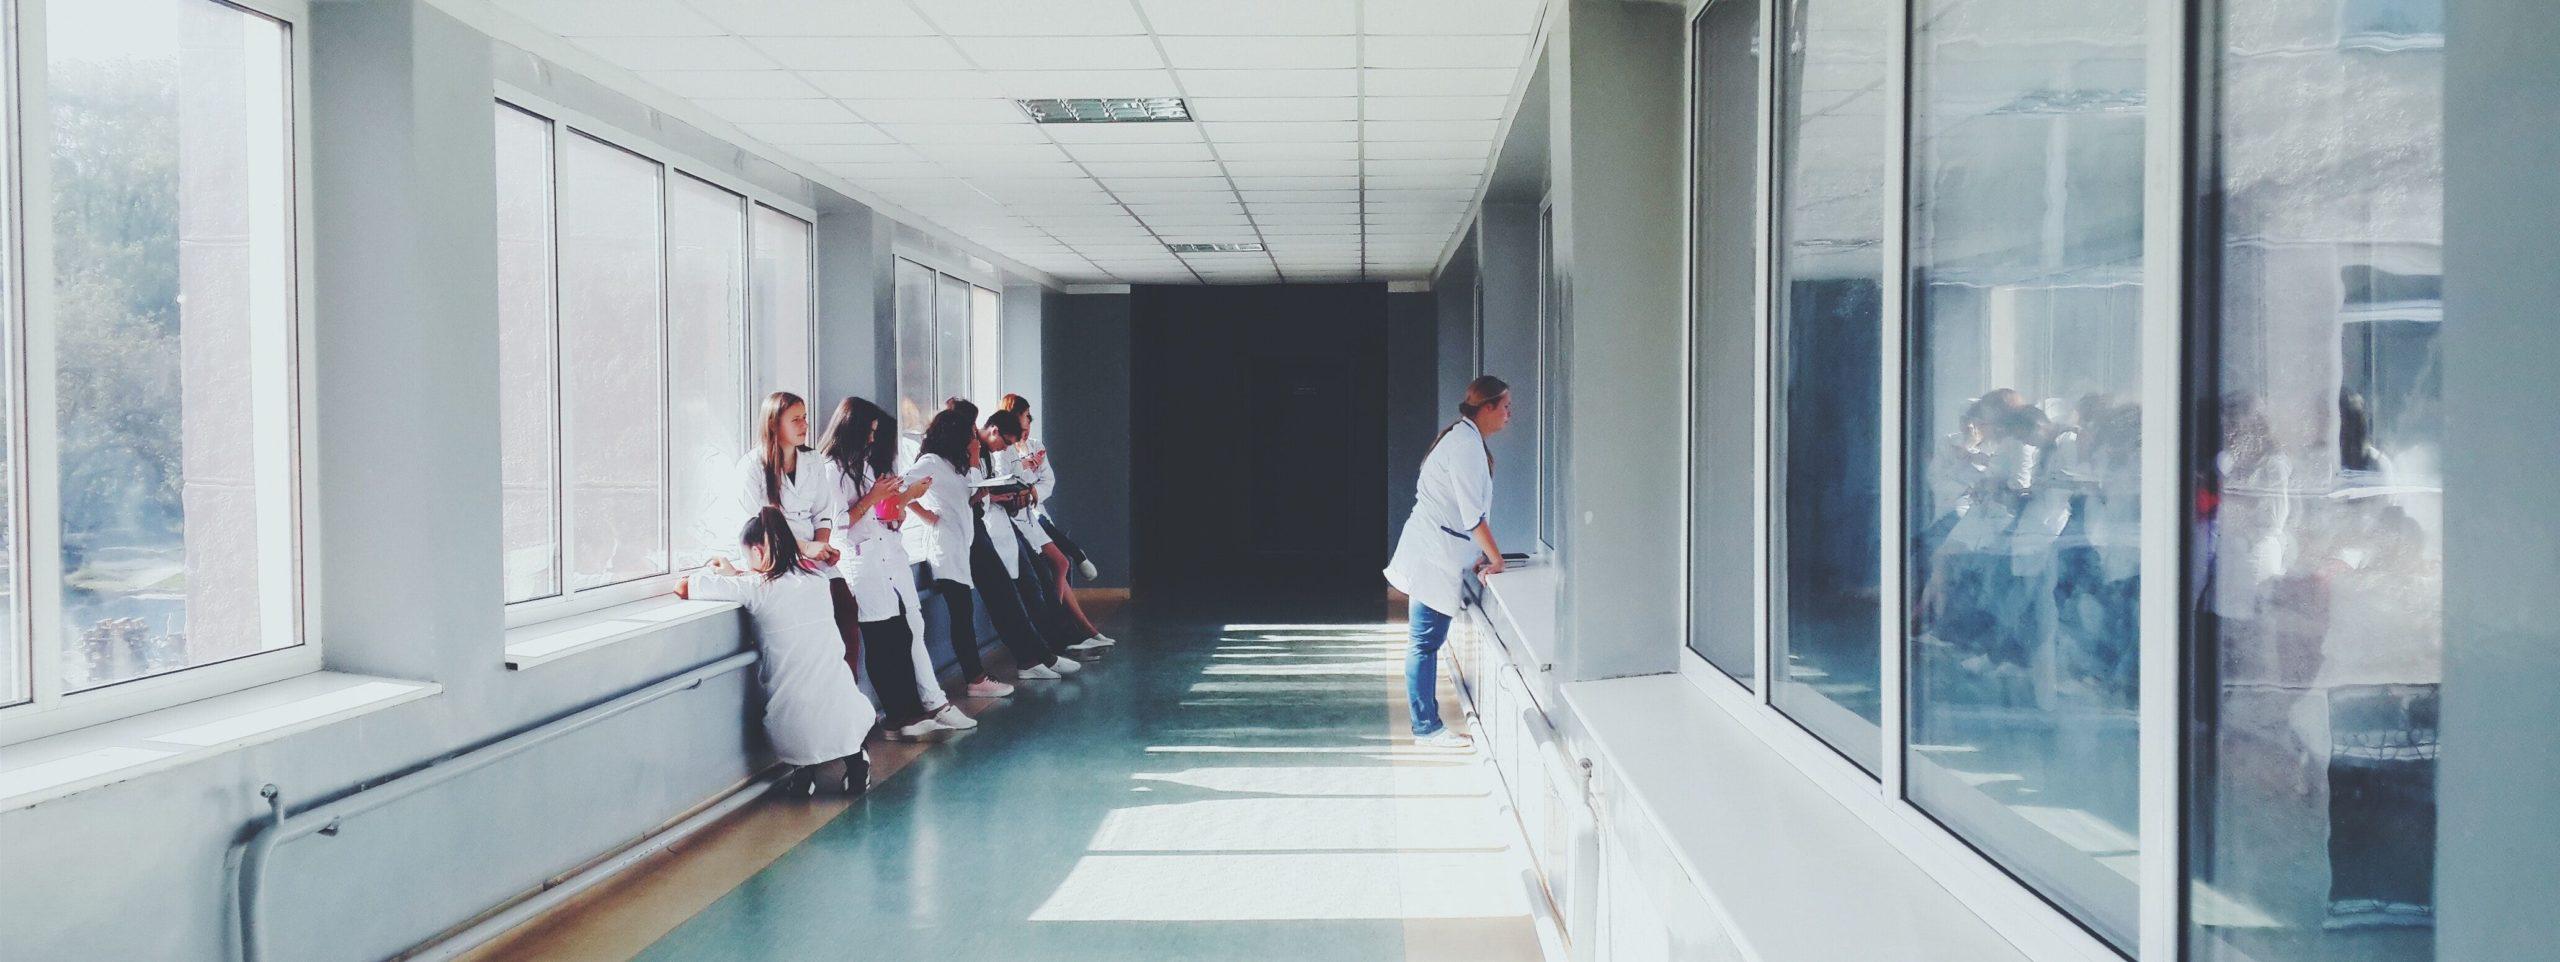 L'attractivité des établissements de santé